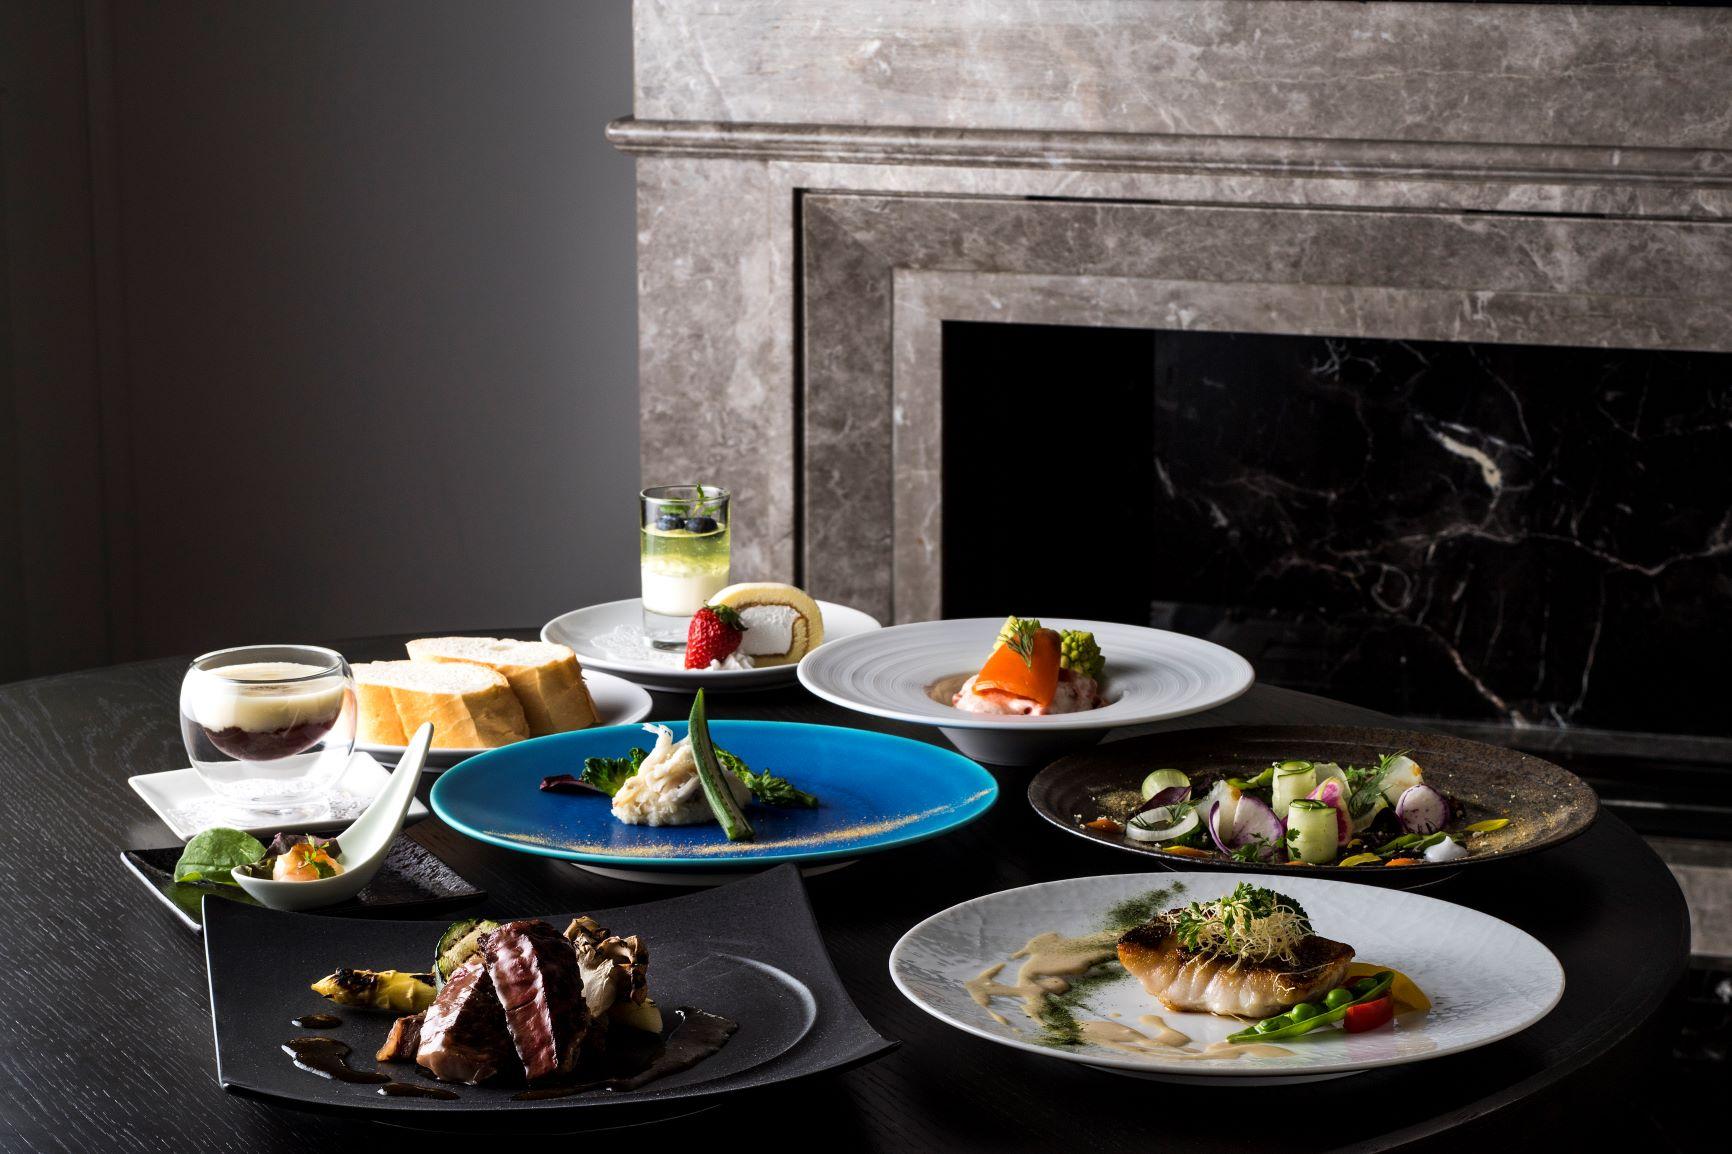 UNWIND HOTEL&BAR小樽 / 非日常空間で味わう絶品フルコースディナー&ハイティースタイル朝食付きプラン